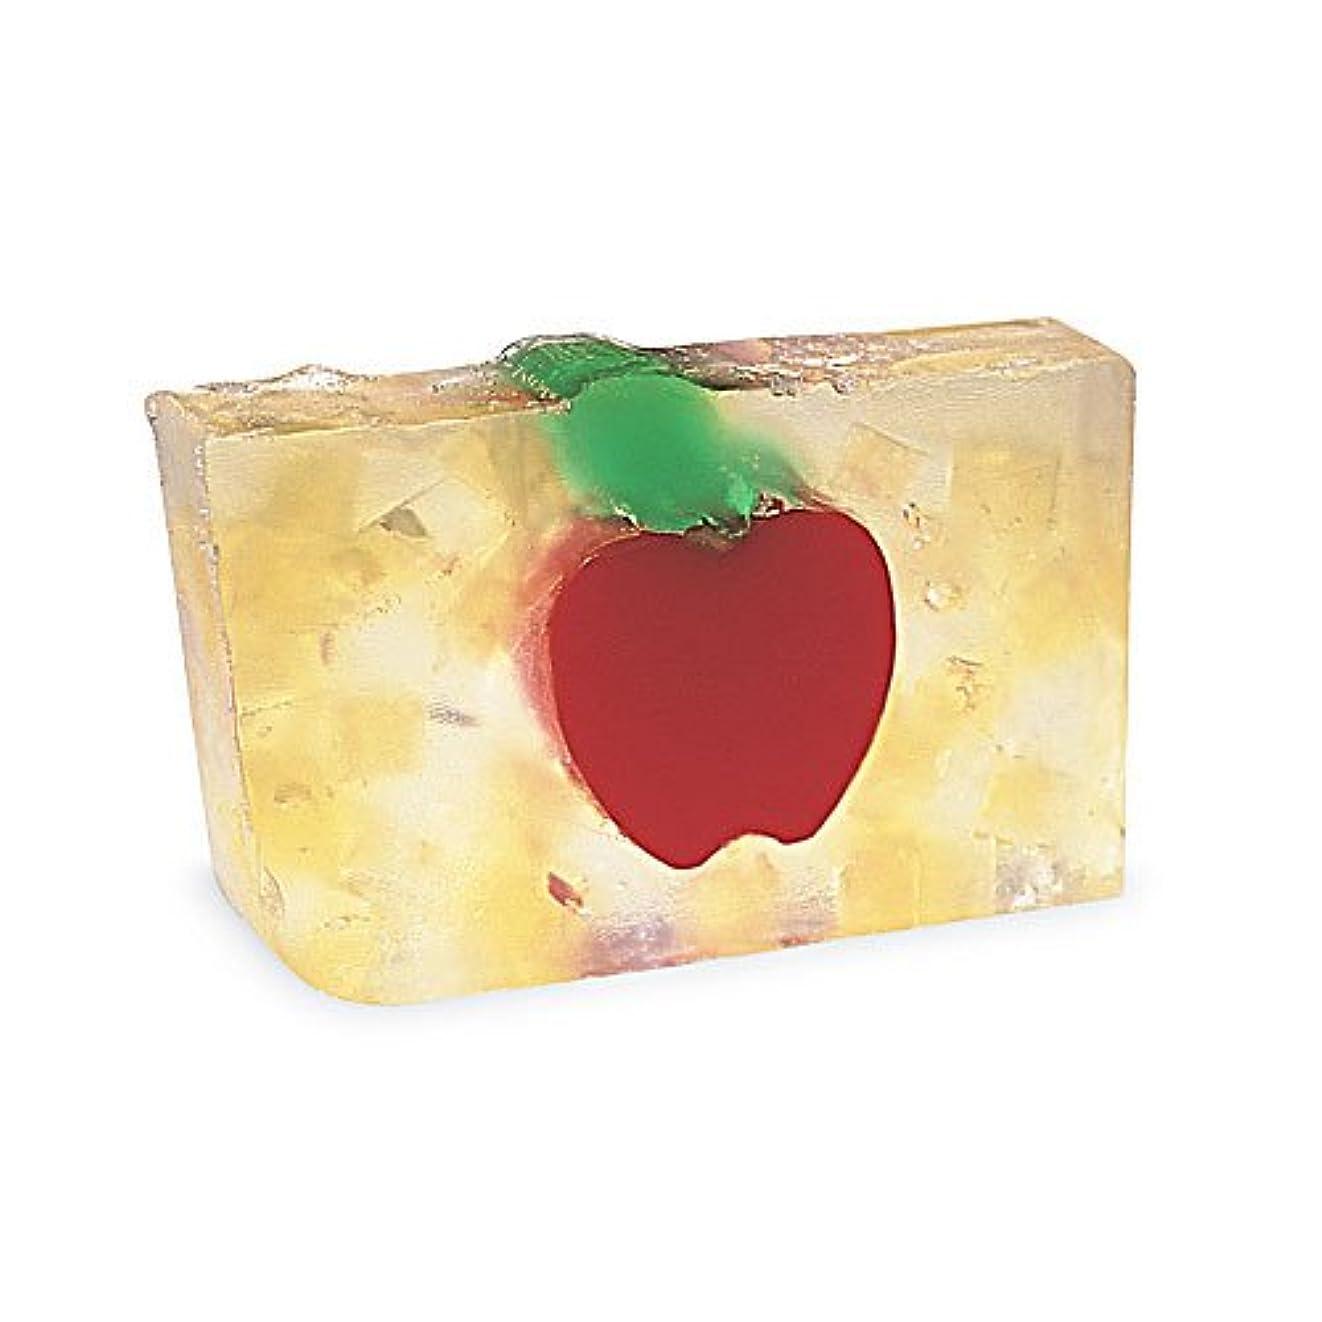 分析的な子豚スローガンプライモールエレメンツ アロマティック ソープ ビッグアップル 180g 植物性 ナチュラル 石鹸 無添加